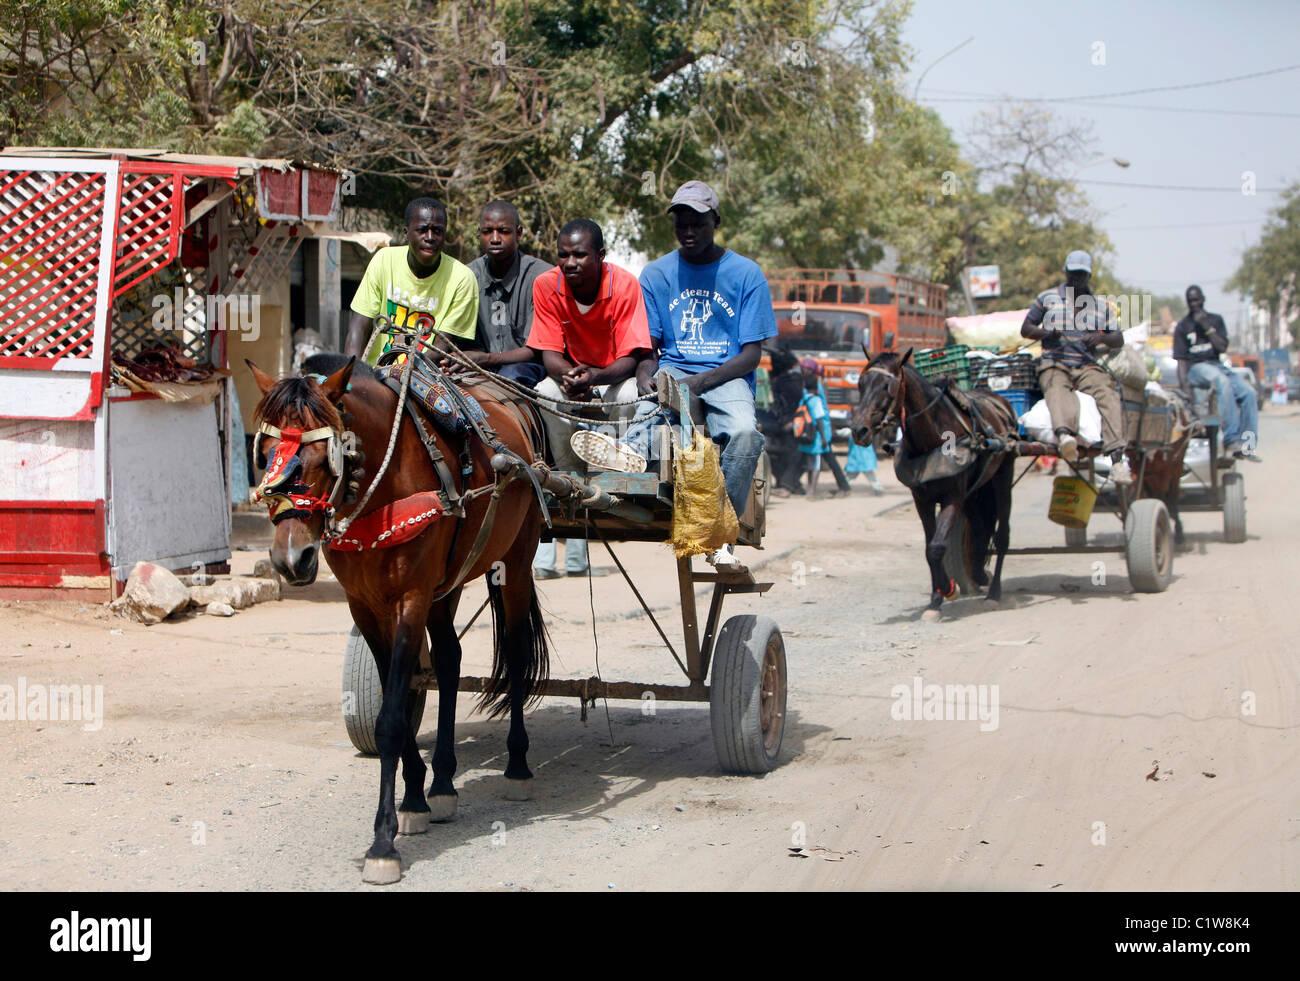 Carrello cavallo, Dakar, Senegal Immagini Stock